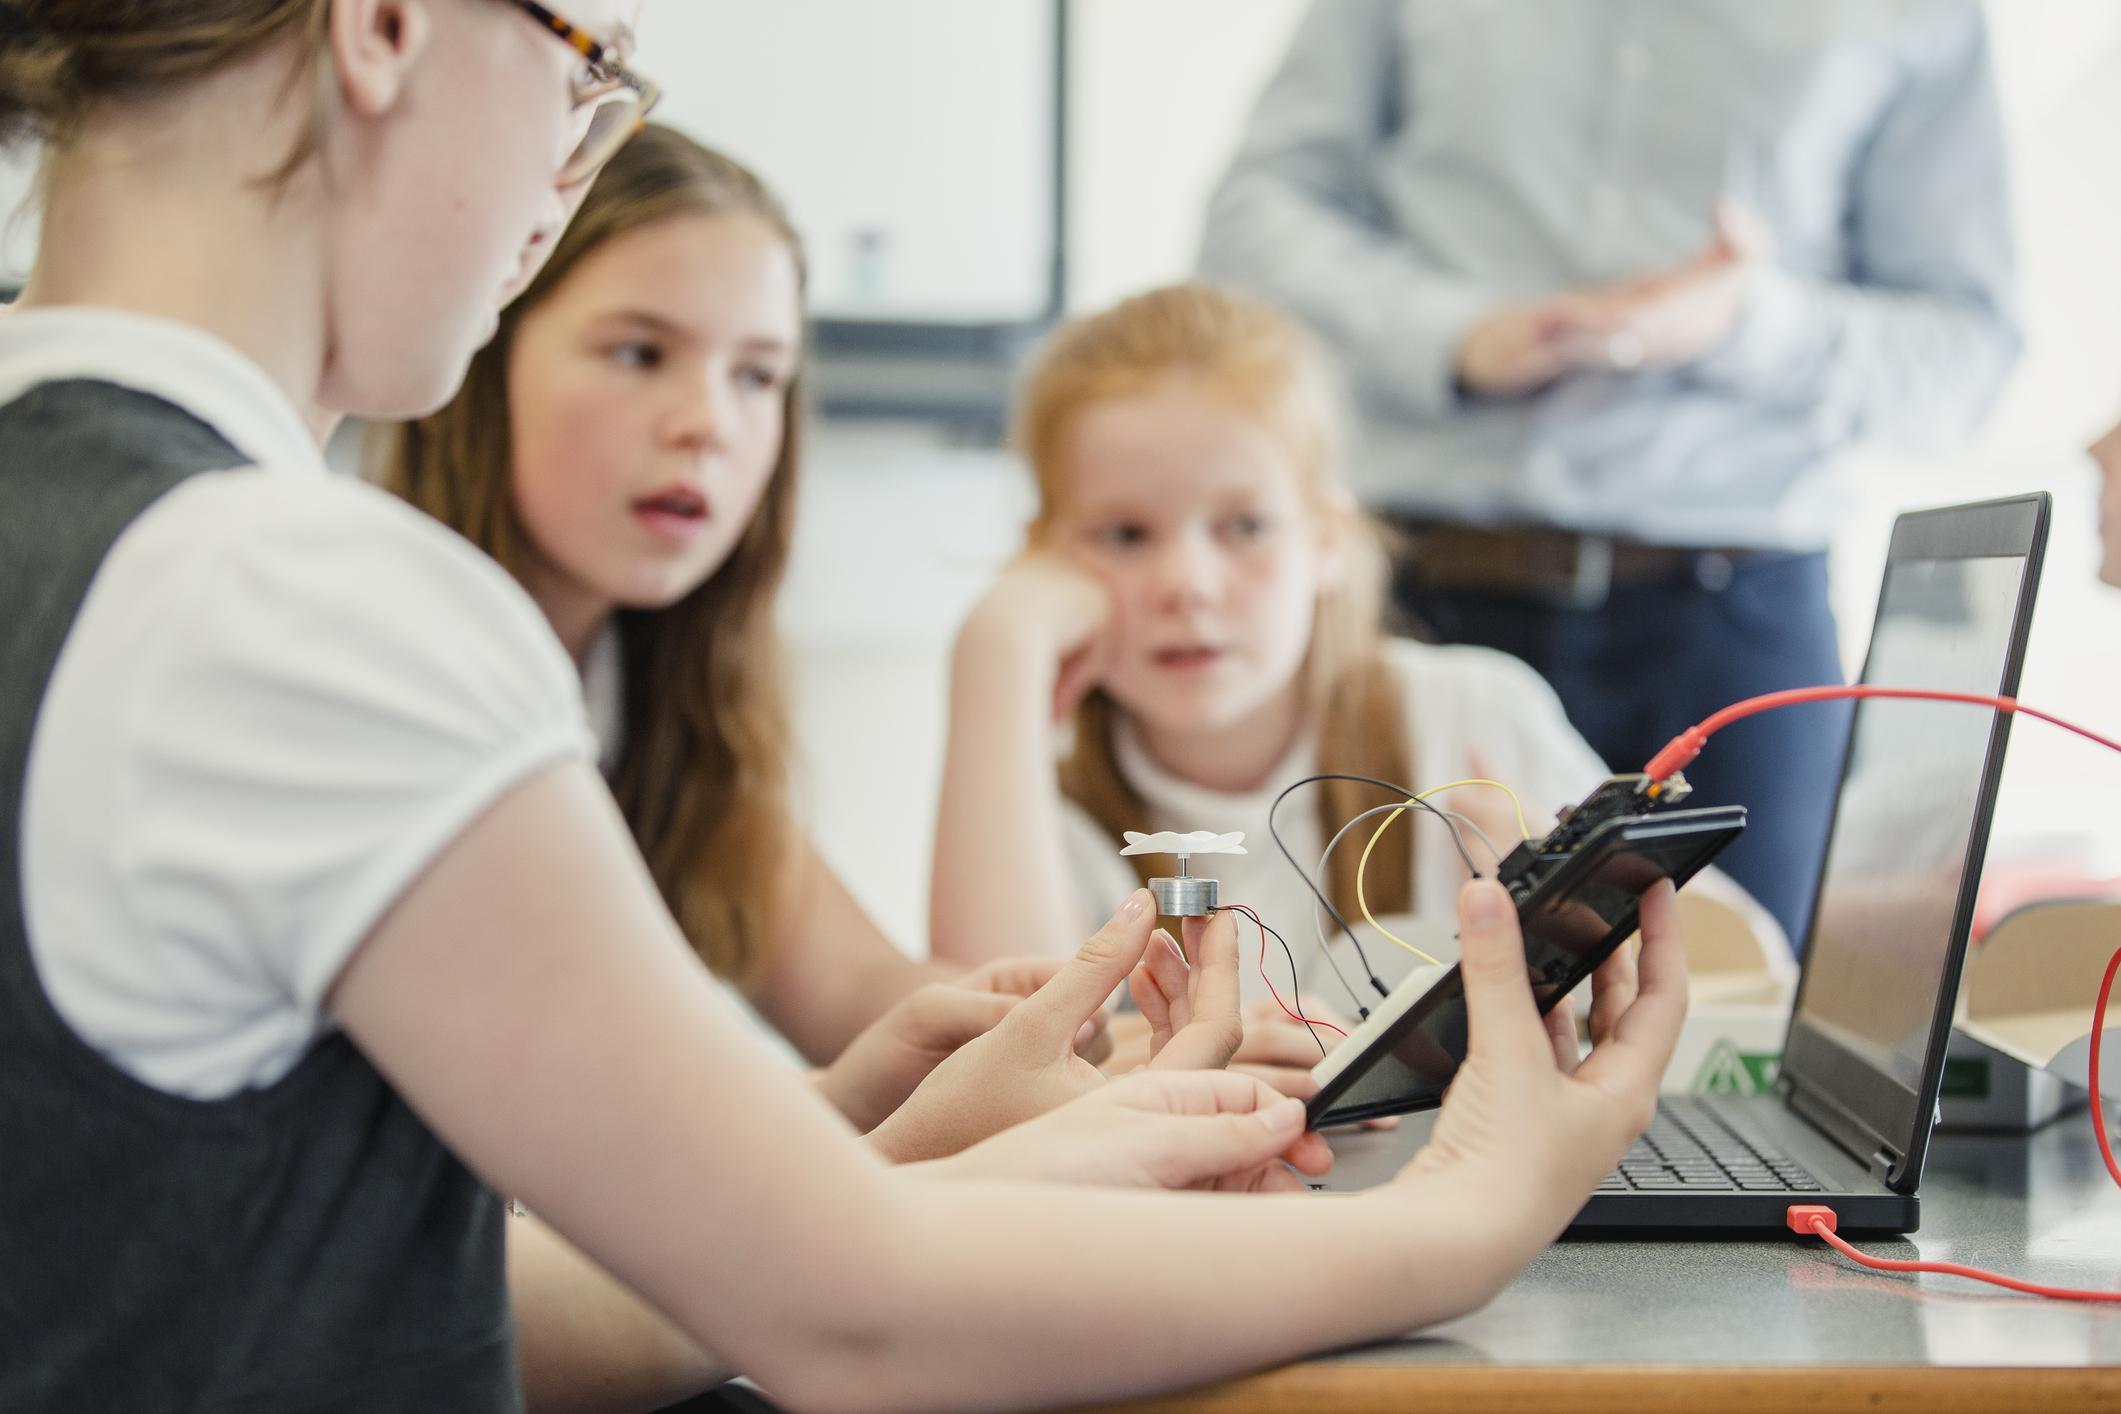 Ensino híbrido: o que falta para as escolas adotarem o modelo